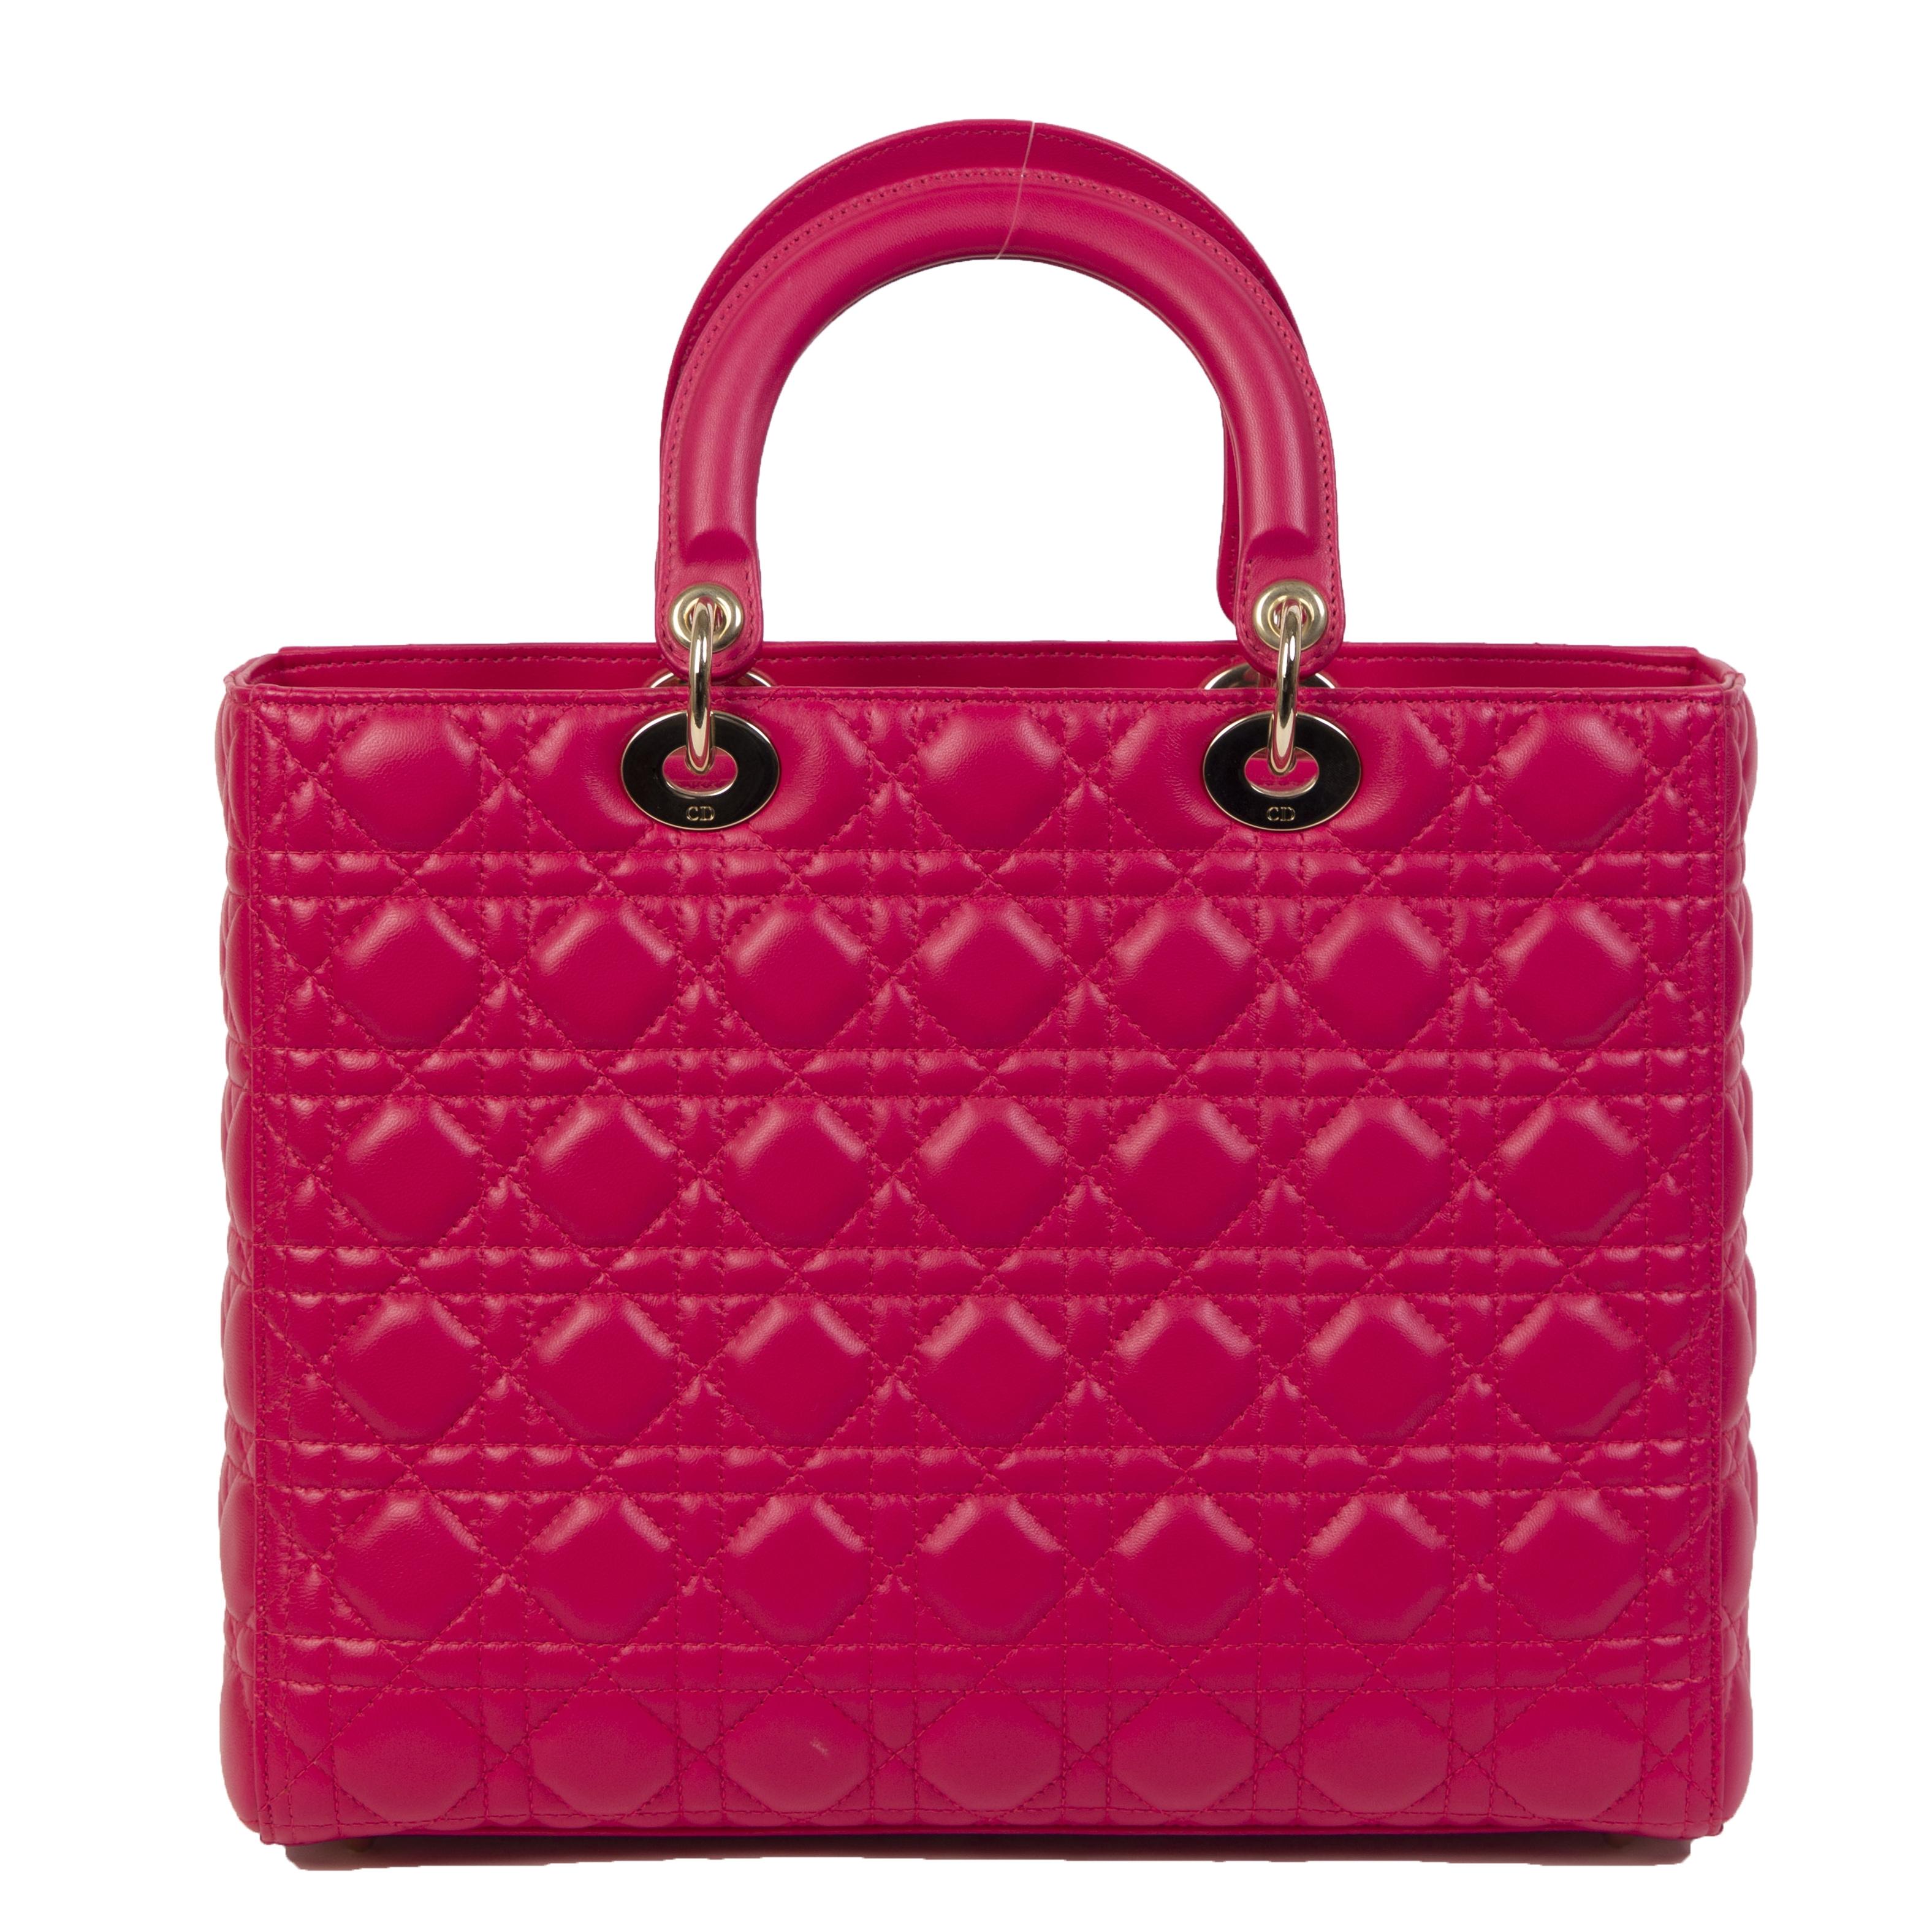 Authentieke Tweedehands Dior Lady Dior Lambskin Medium Tote Hot Pink juiste prijs veilig online shoppen luxe merken webshop winkelen Antwerpen België mode fashion